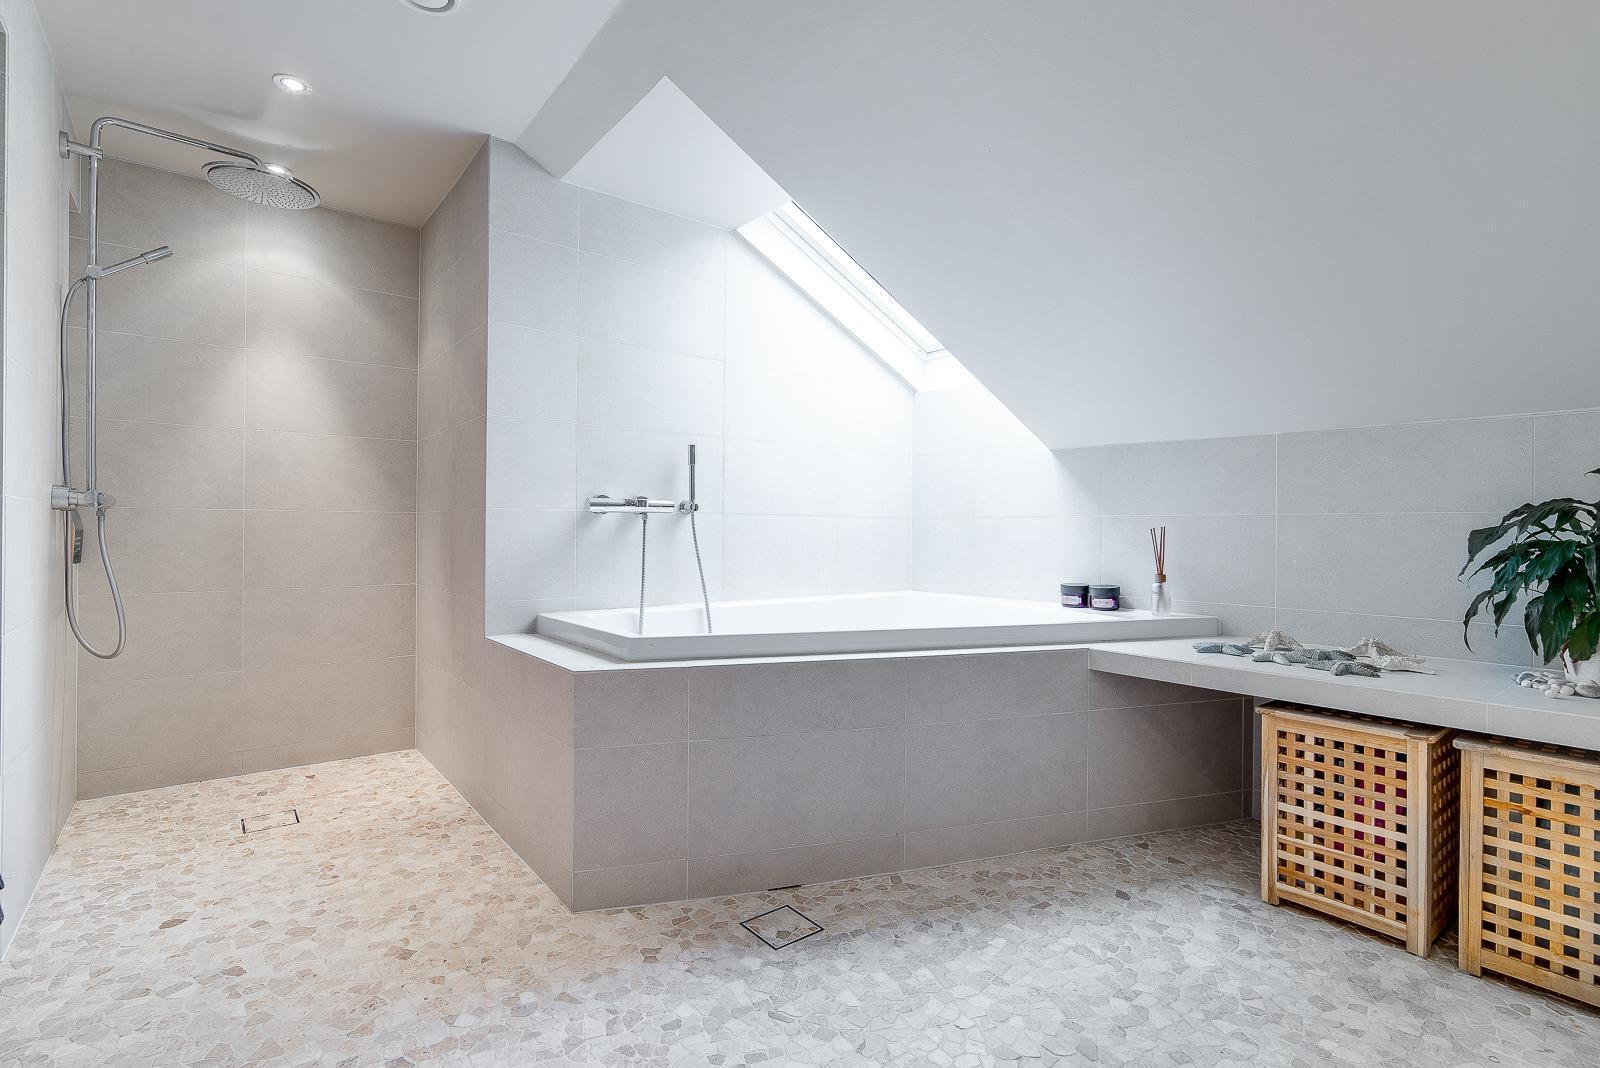 moderni sisustus kylpyhuoneessa, valoisa koti